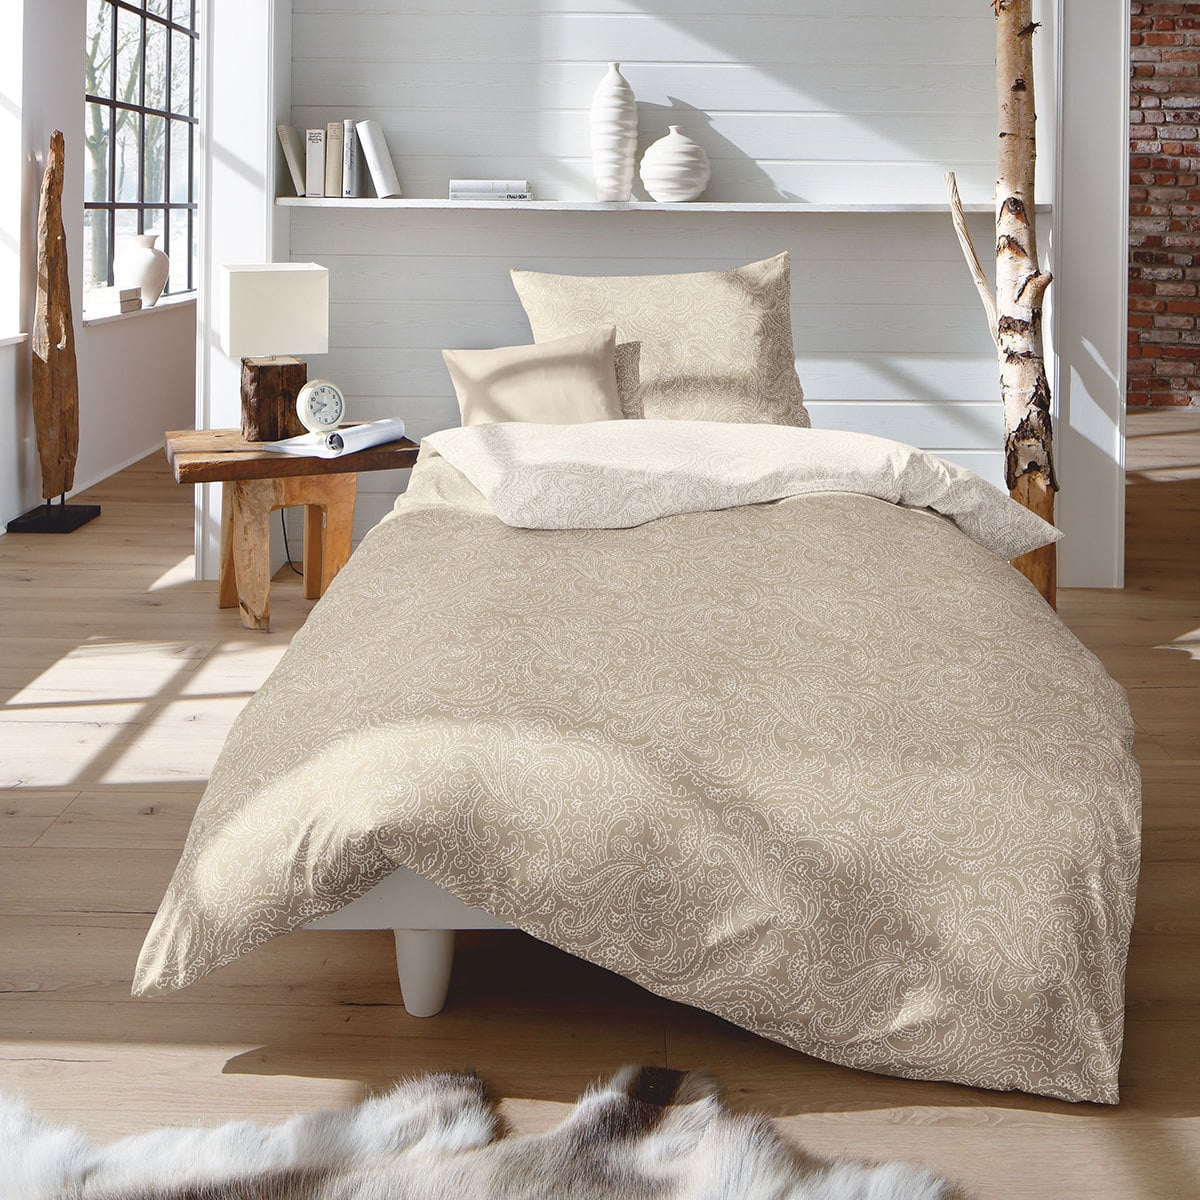 fleuresse edelflanell wendebettw sche jacquard 603741 07. Black Bedroom Furniture Sets. Home Design Ideas